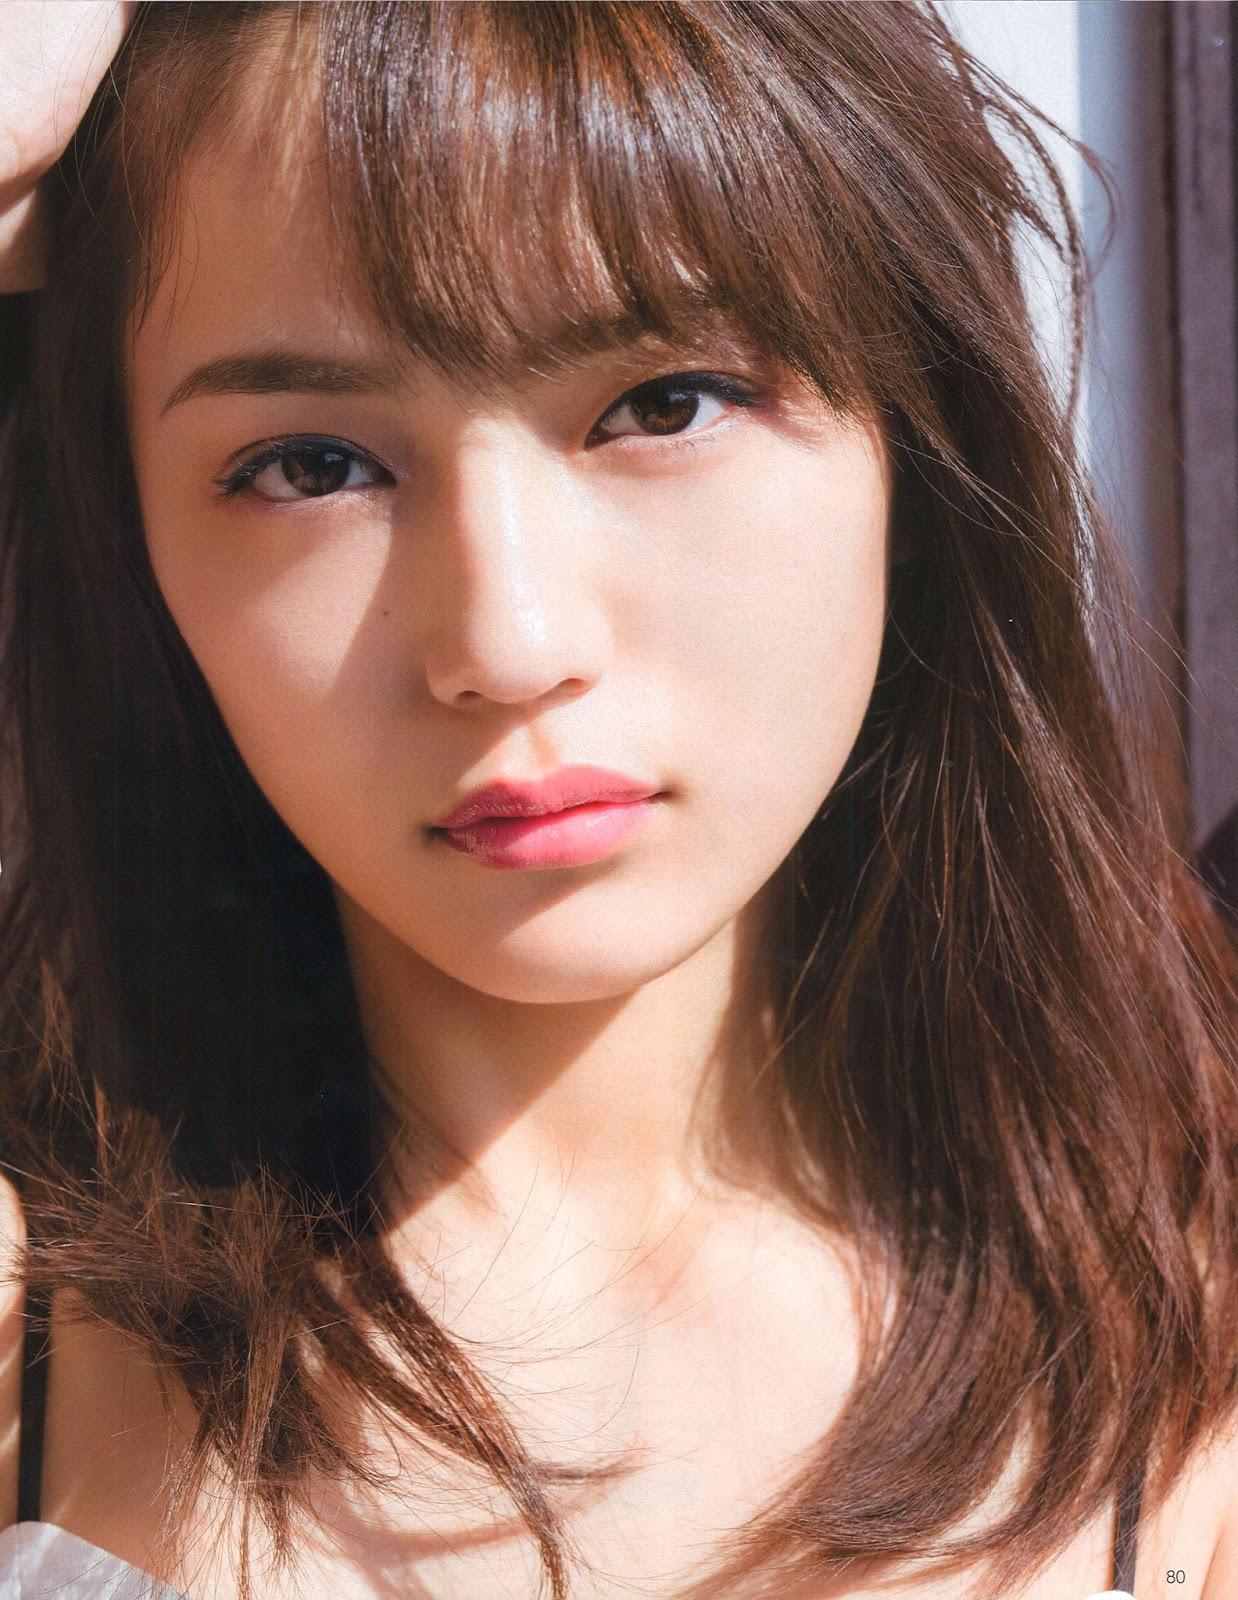 Haruna Kawaguchi / 川口春奈 (かわぐち はるな) - Aktris Jepang